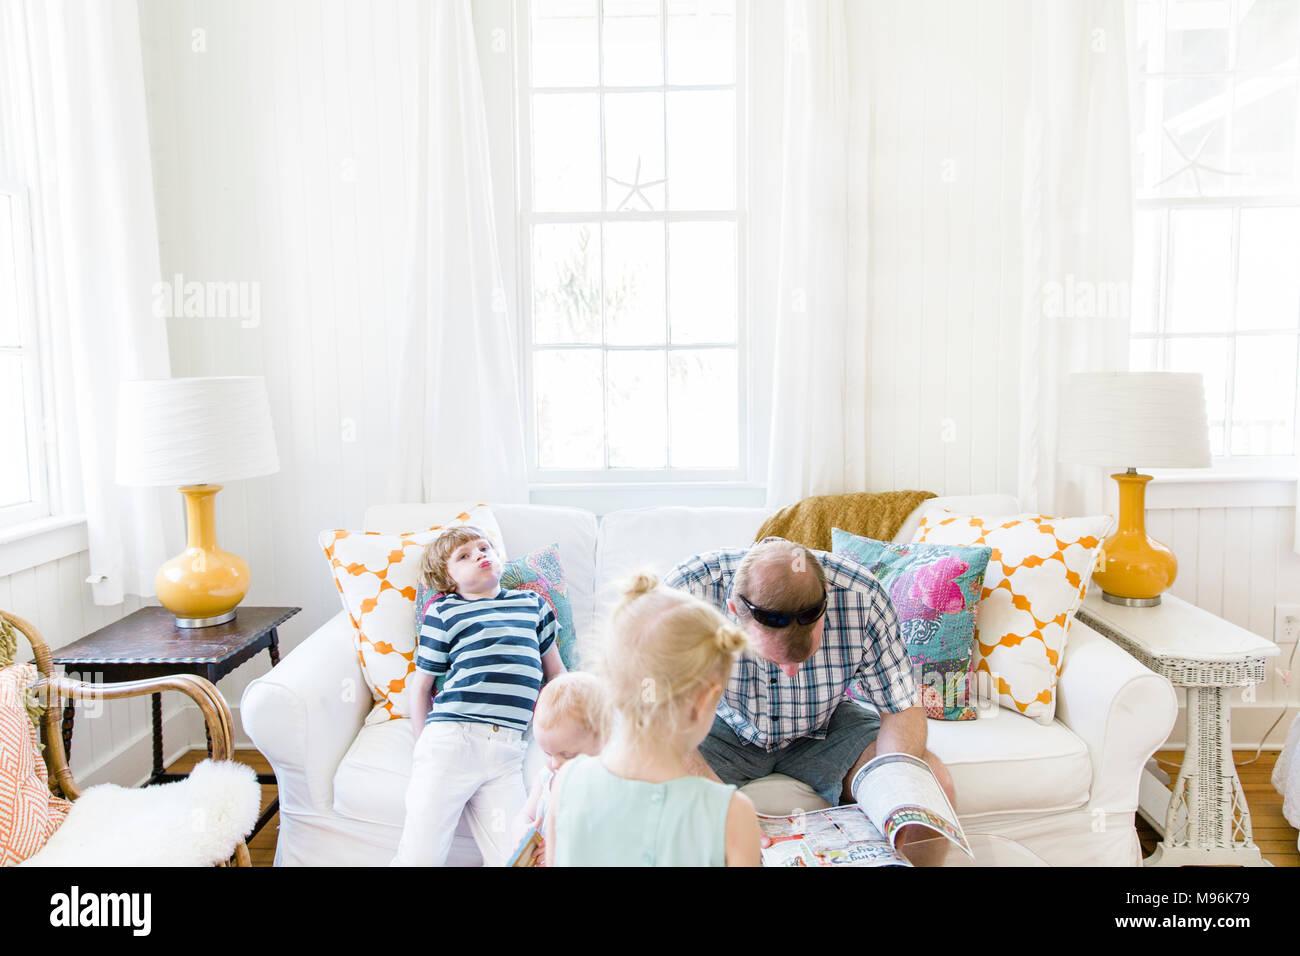 Hombre leyendo en el sofá con los niños alrededor de él Imagen De Stock